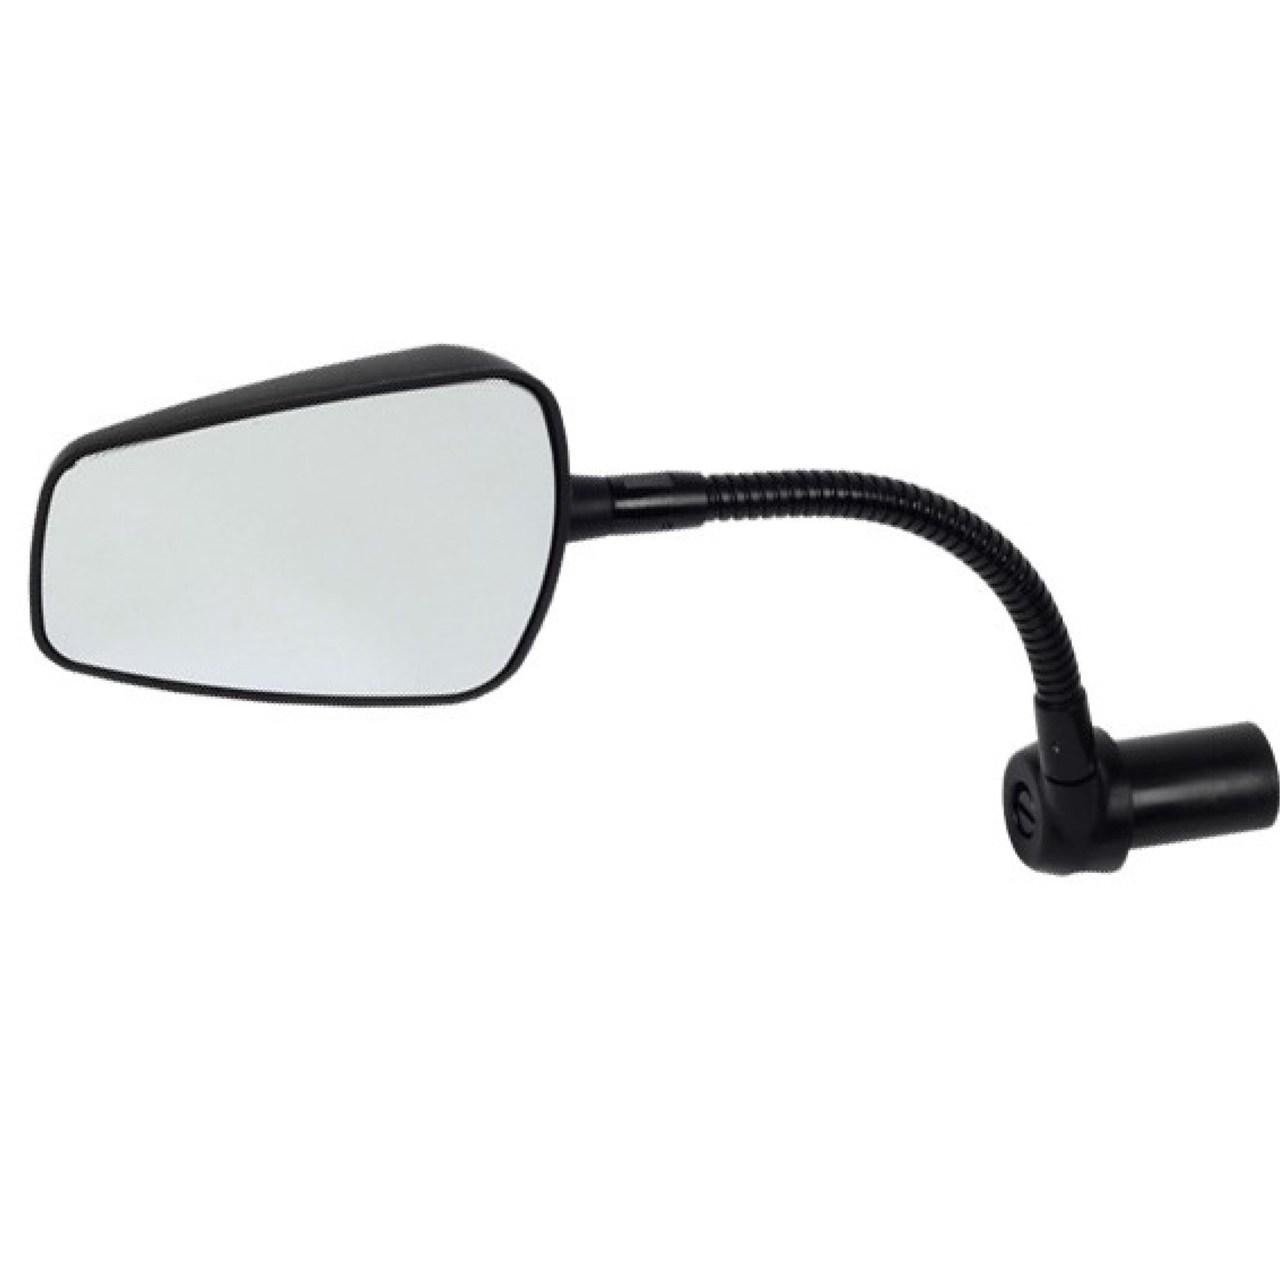 آینه دوچرخه زفال مدلZefal Espion Mirror Accessory آینه دوچرخه زفال مدلZefal Espion Mirror Accessory